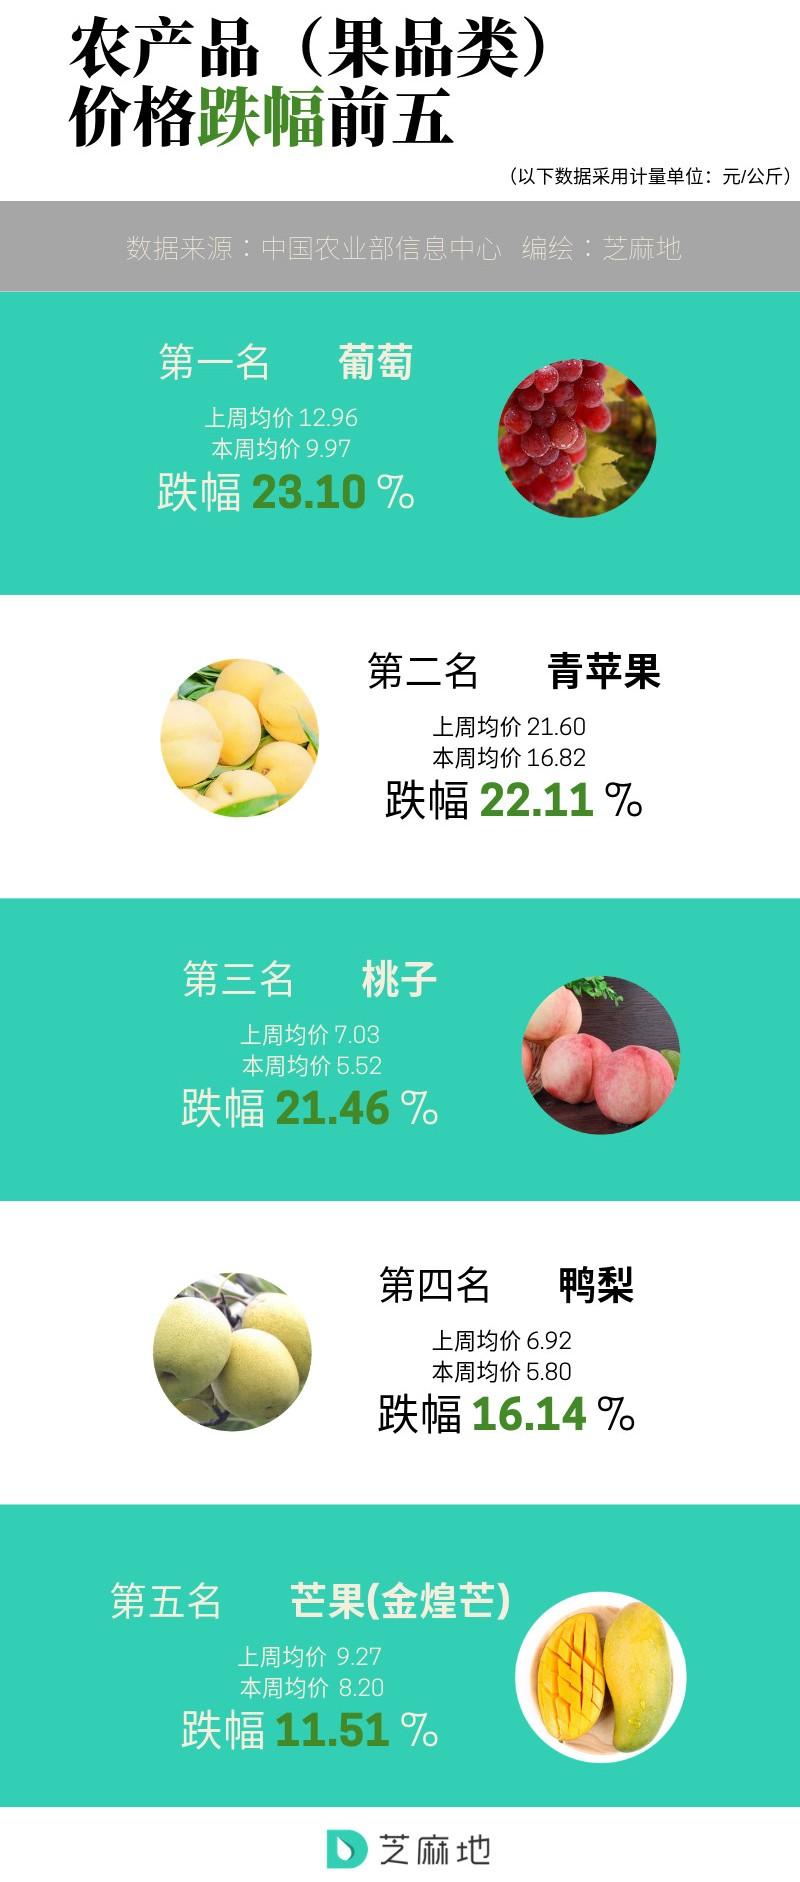 农产品(果品类)价格跌幅前五.jpg